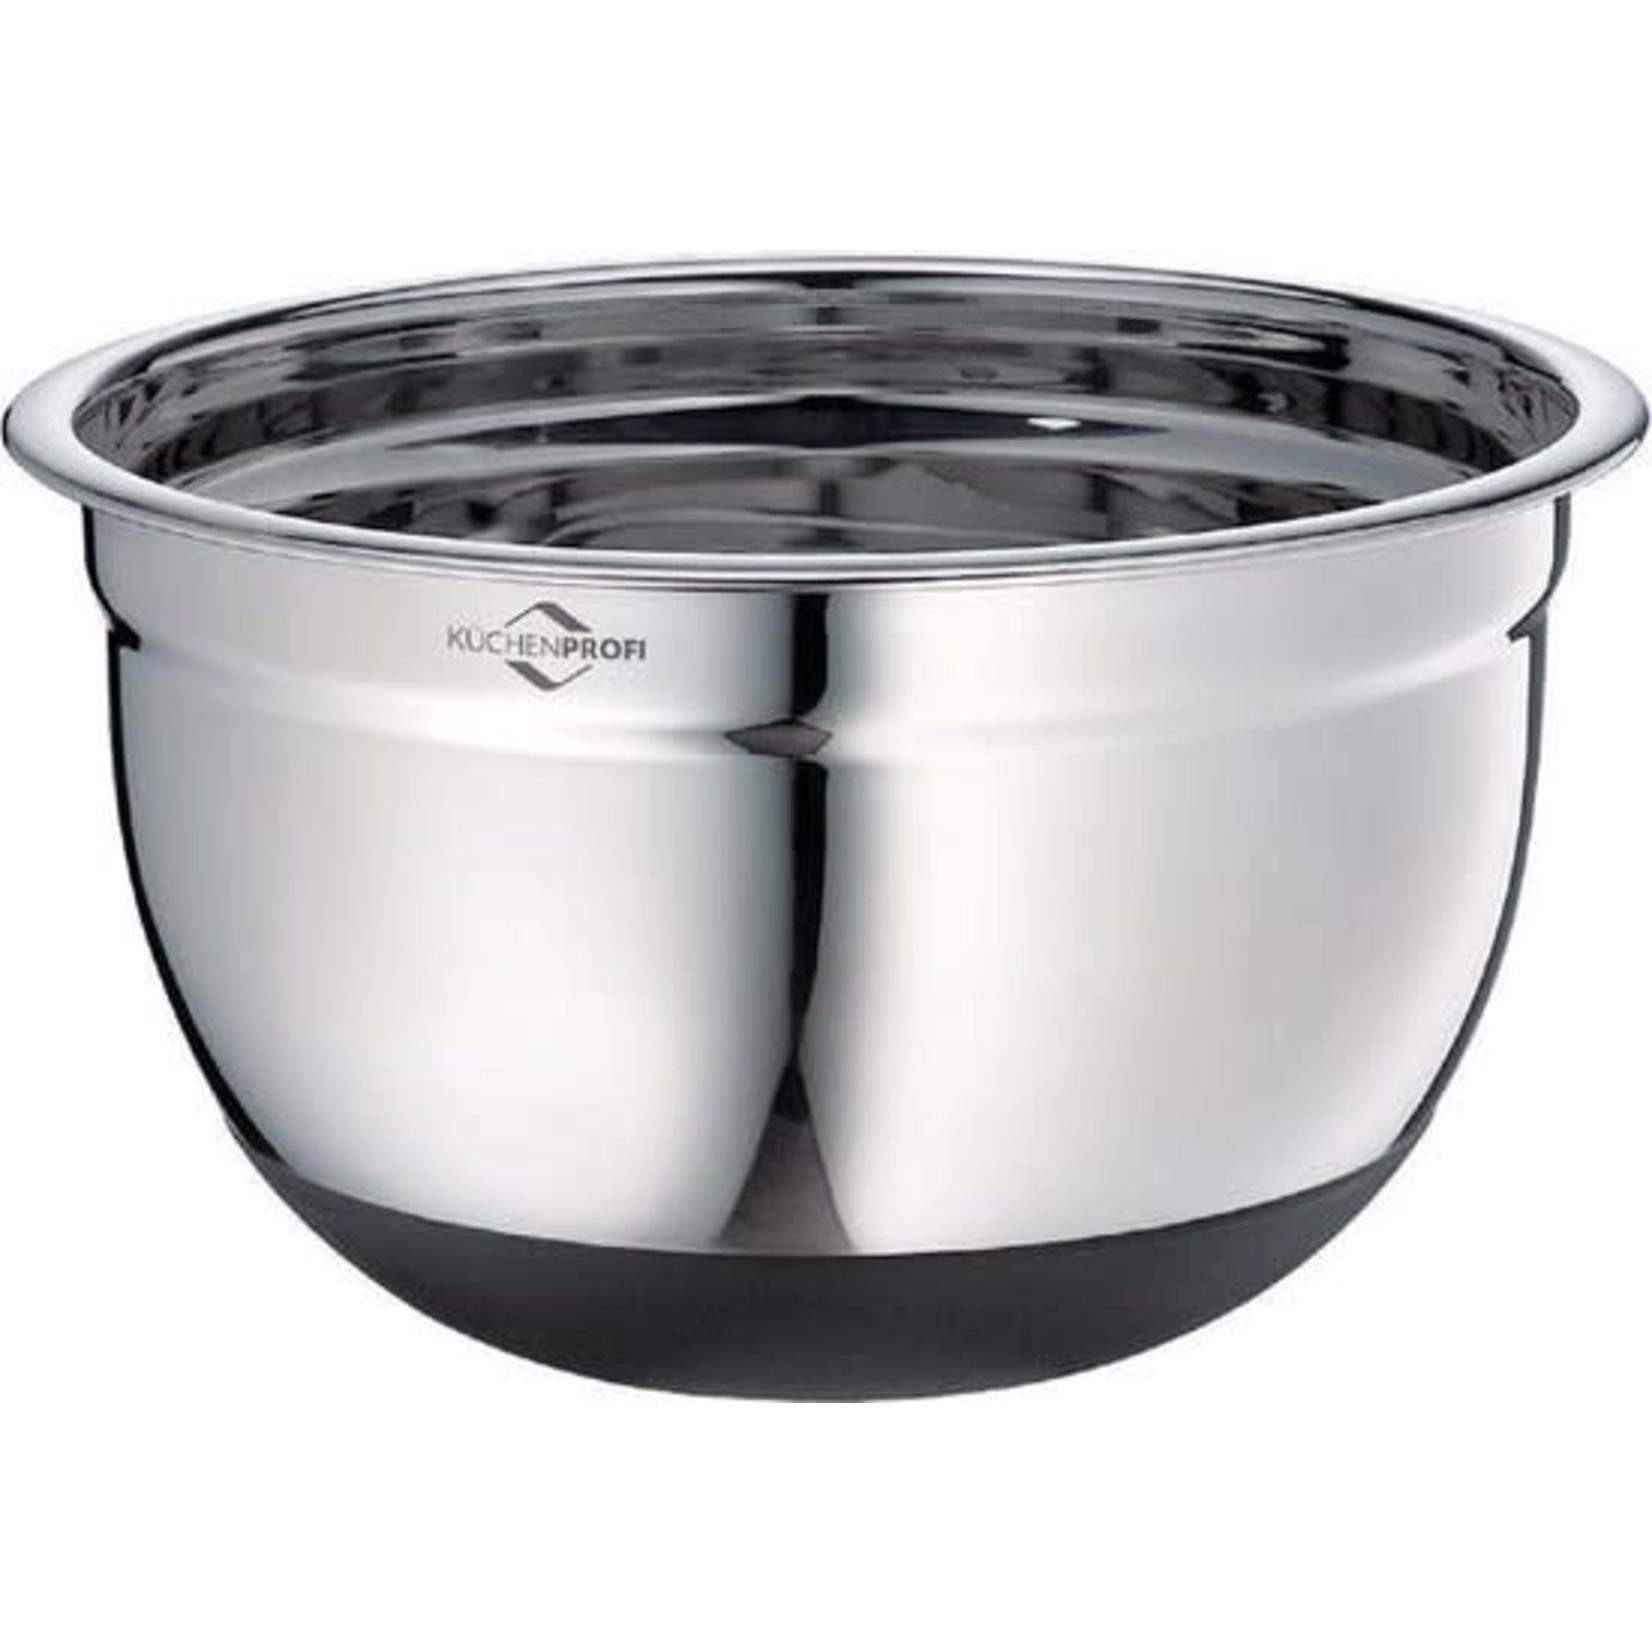 Küchenprofi Beslagkom rubber voet  28cm